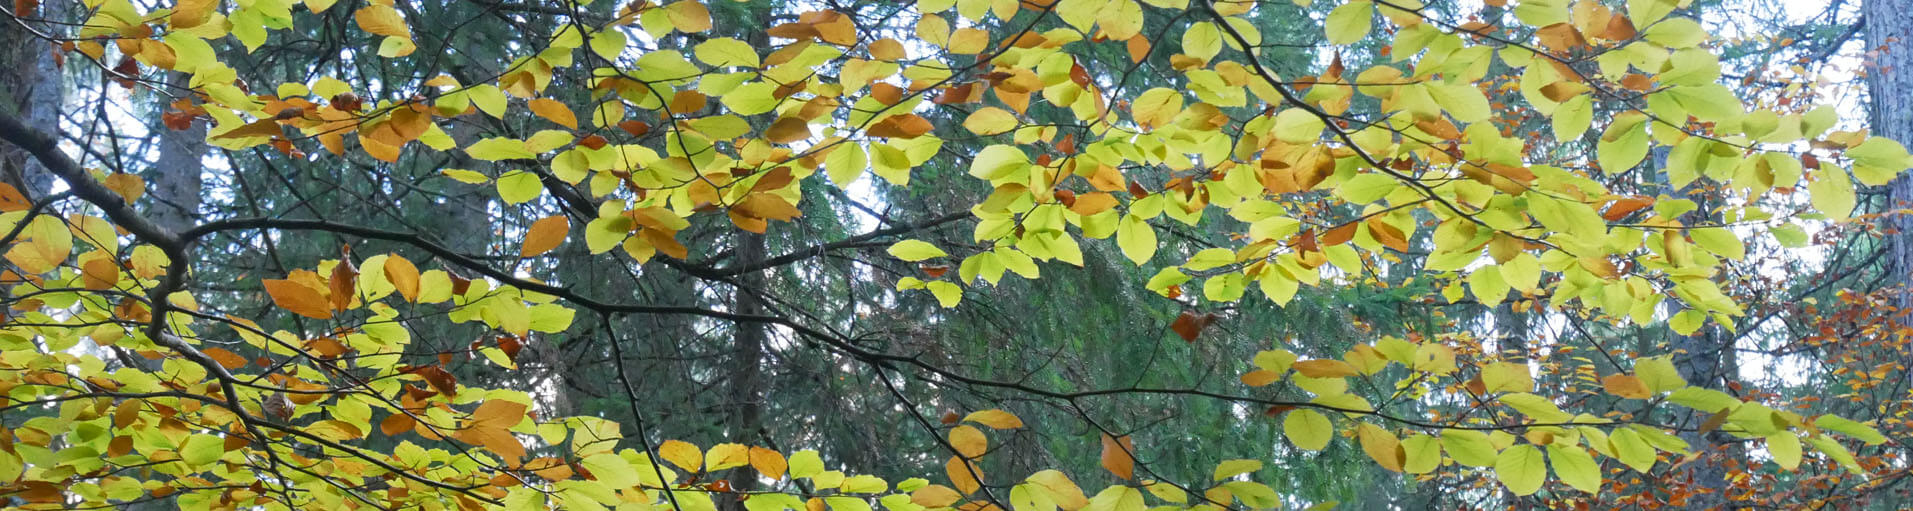 Eibsee Wald Herbst